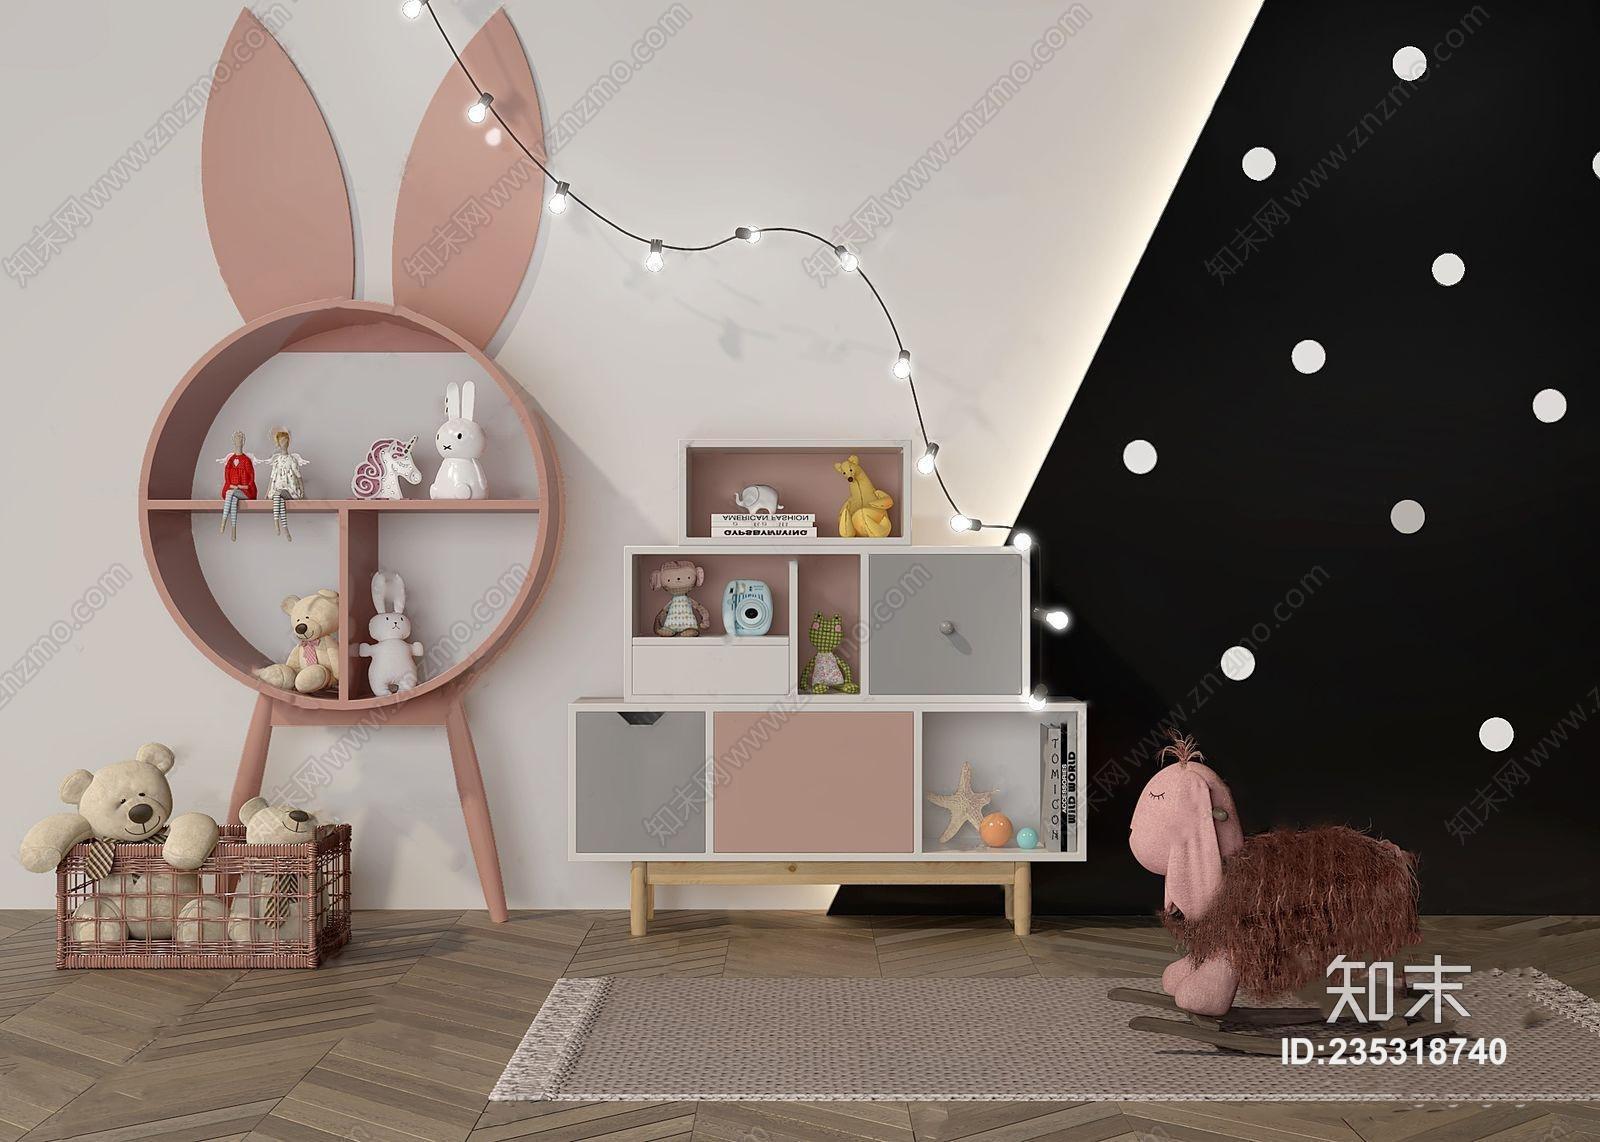 北欧风格儿童装饰柜书柜 北欧装饰架 书柜 柜子 儿童柜 装饰柜 兔子 彩灯 玩具 毛绒玩具 玩具熊 地毯